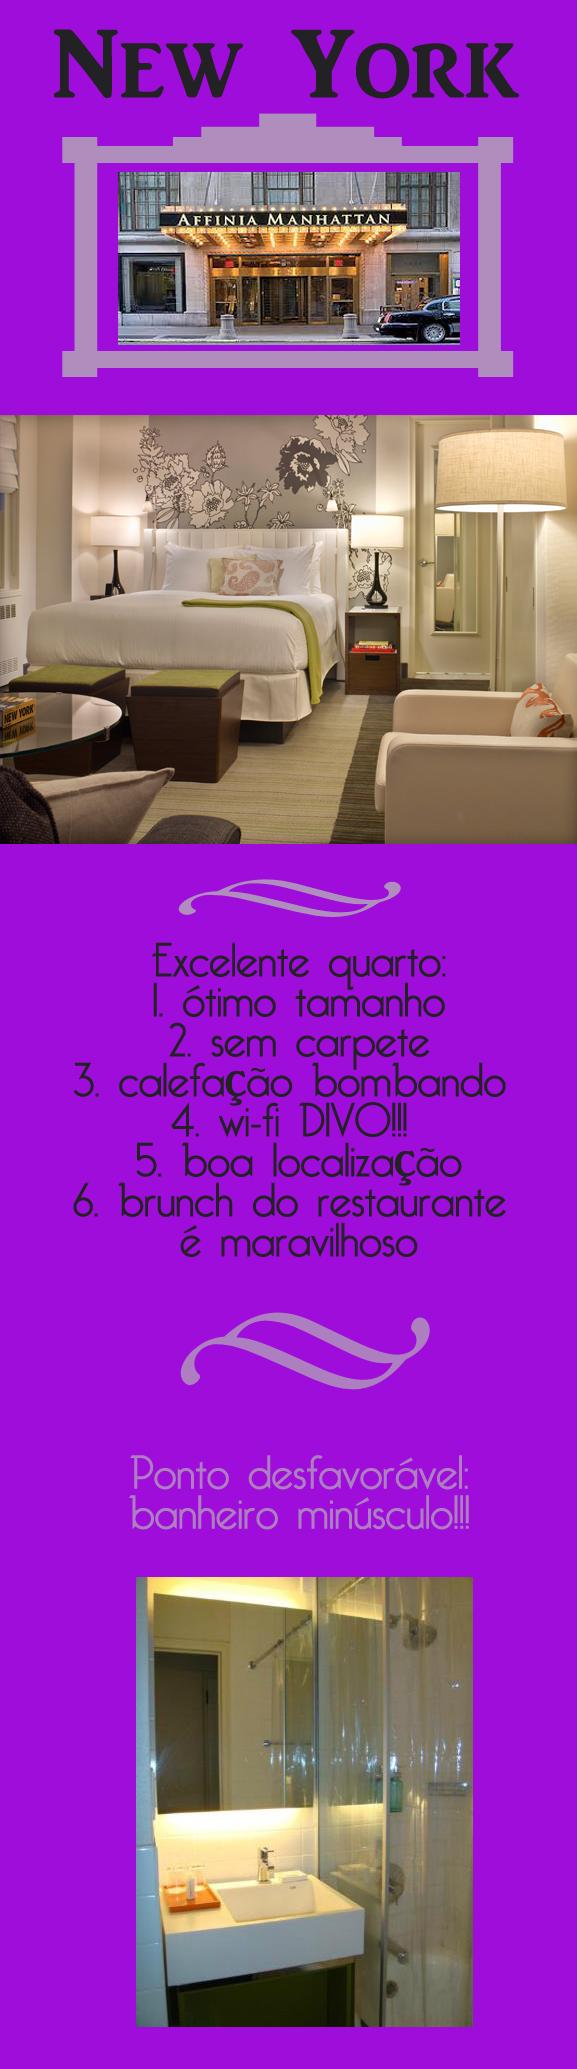 maridonacozinha_hotel_NY